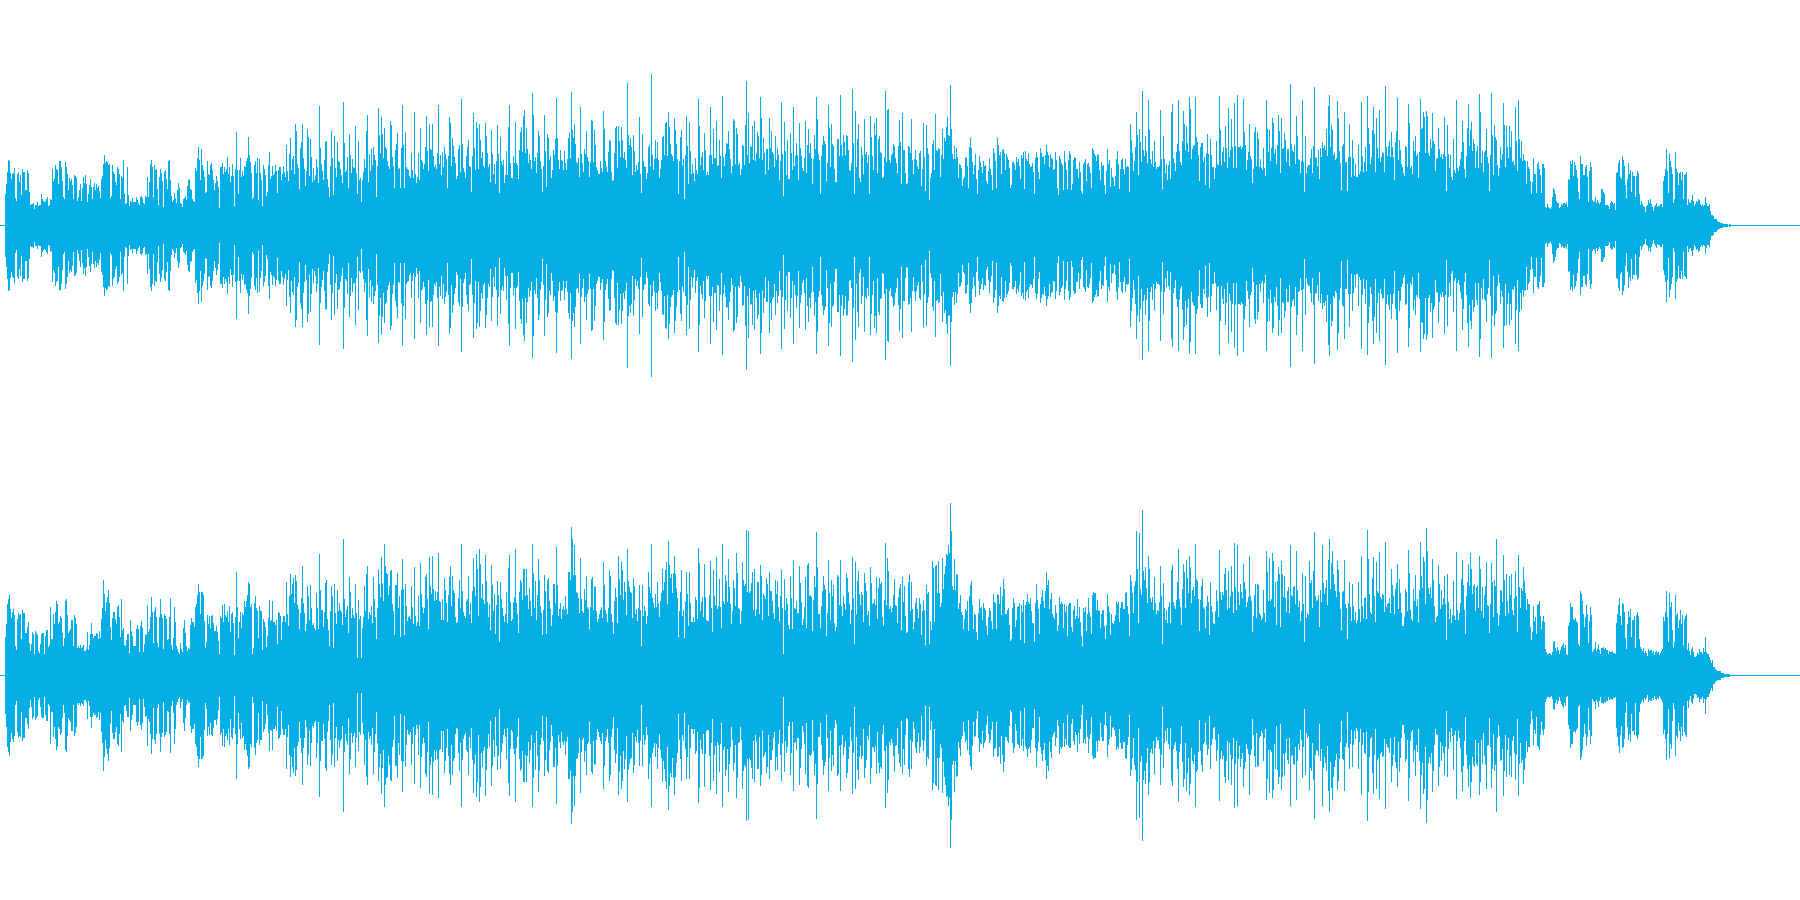 アシッド感覚のエレクトリック・ソウルの再生済みの波形